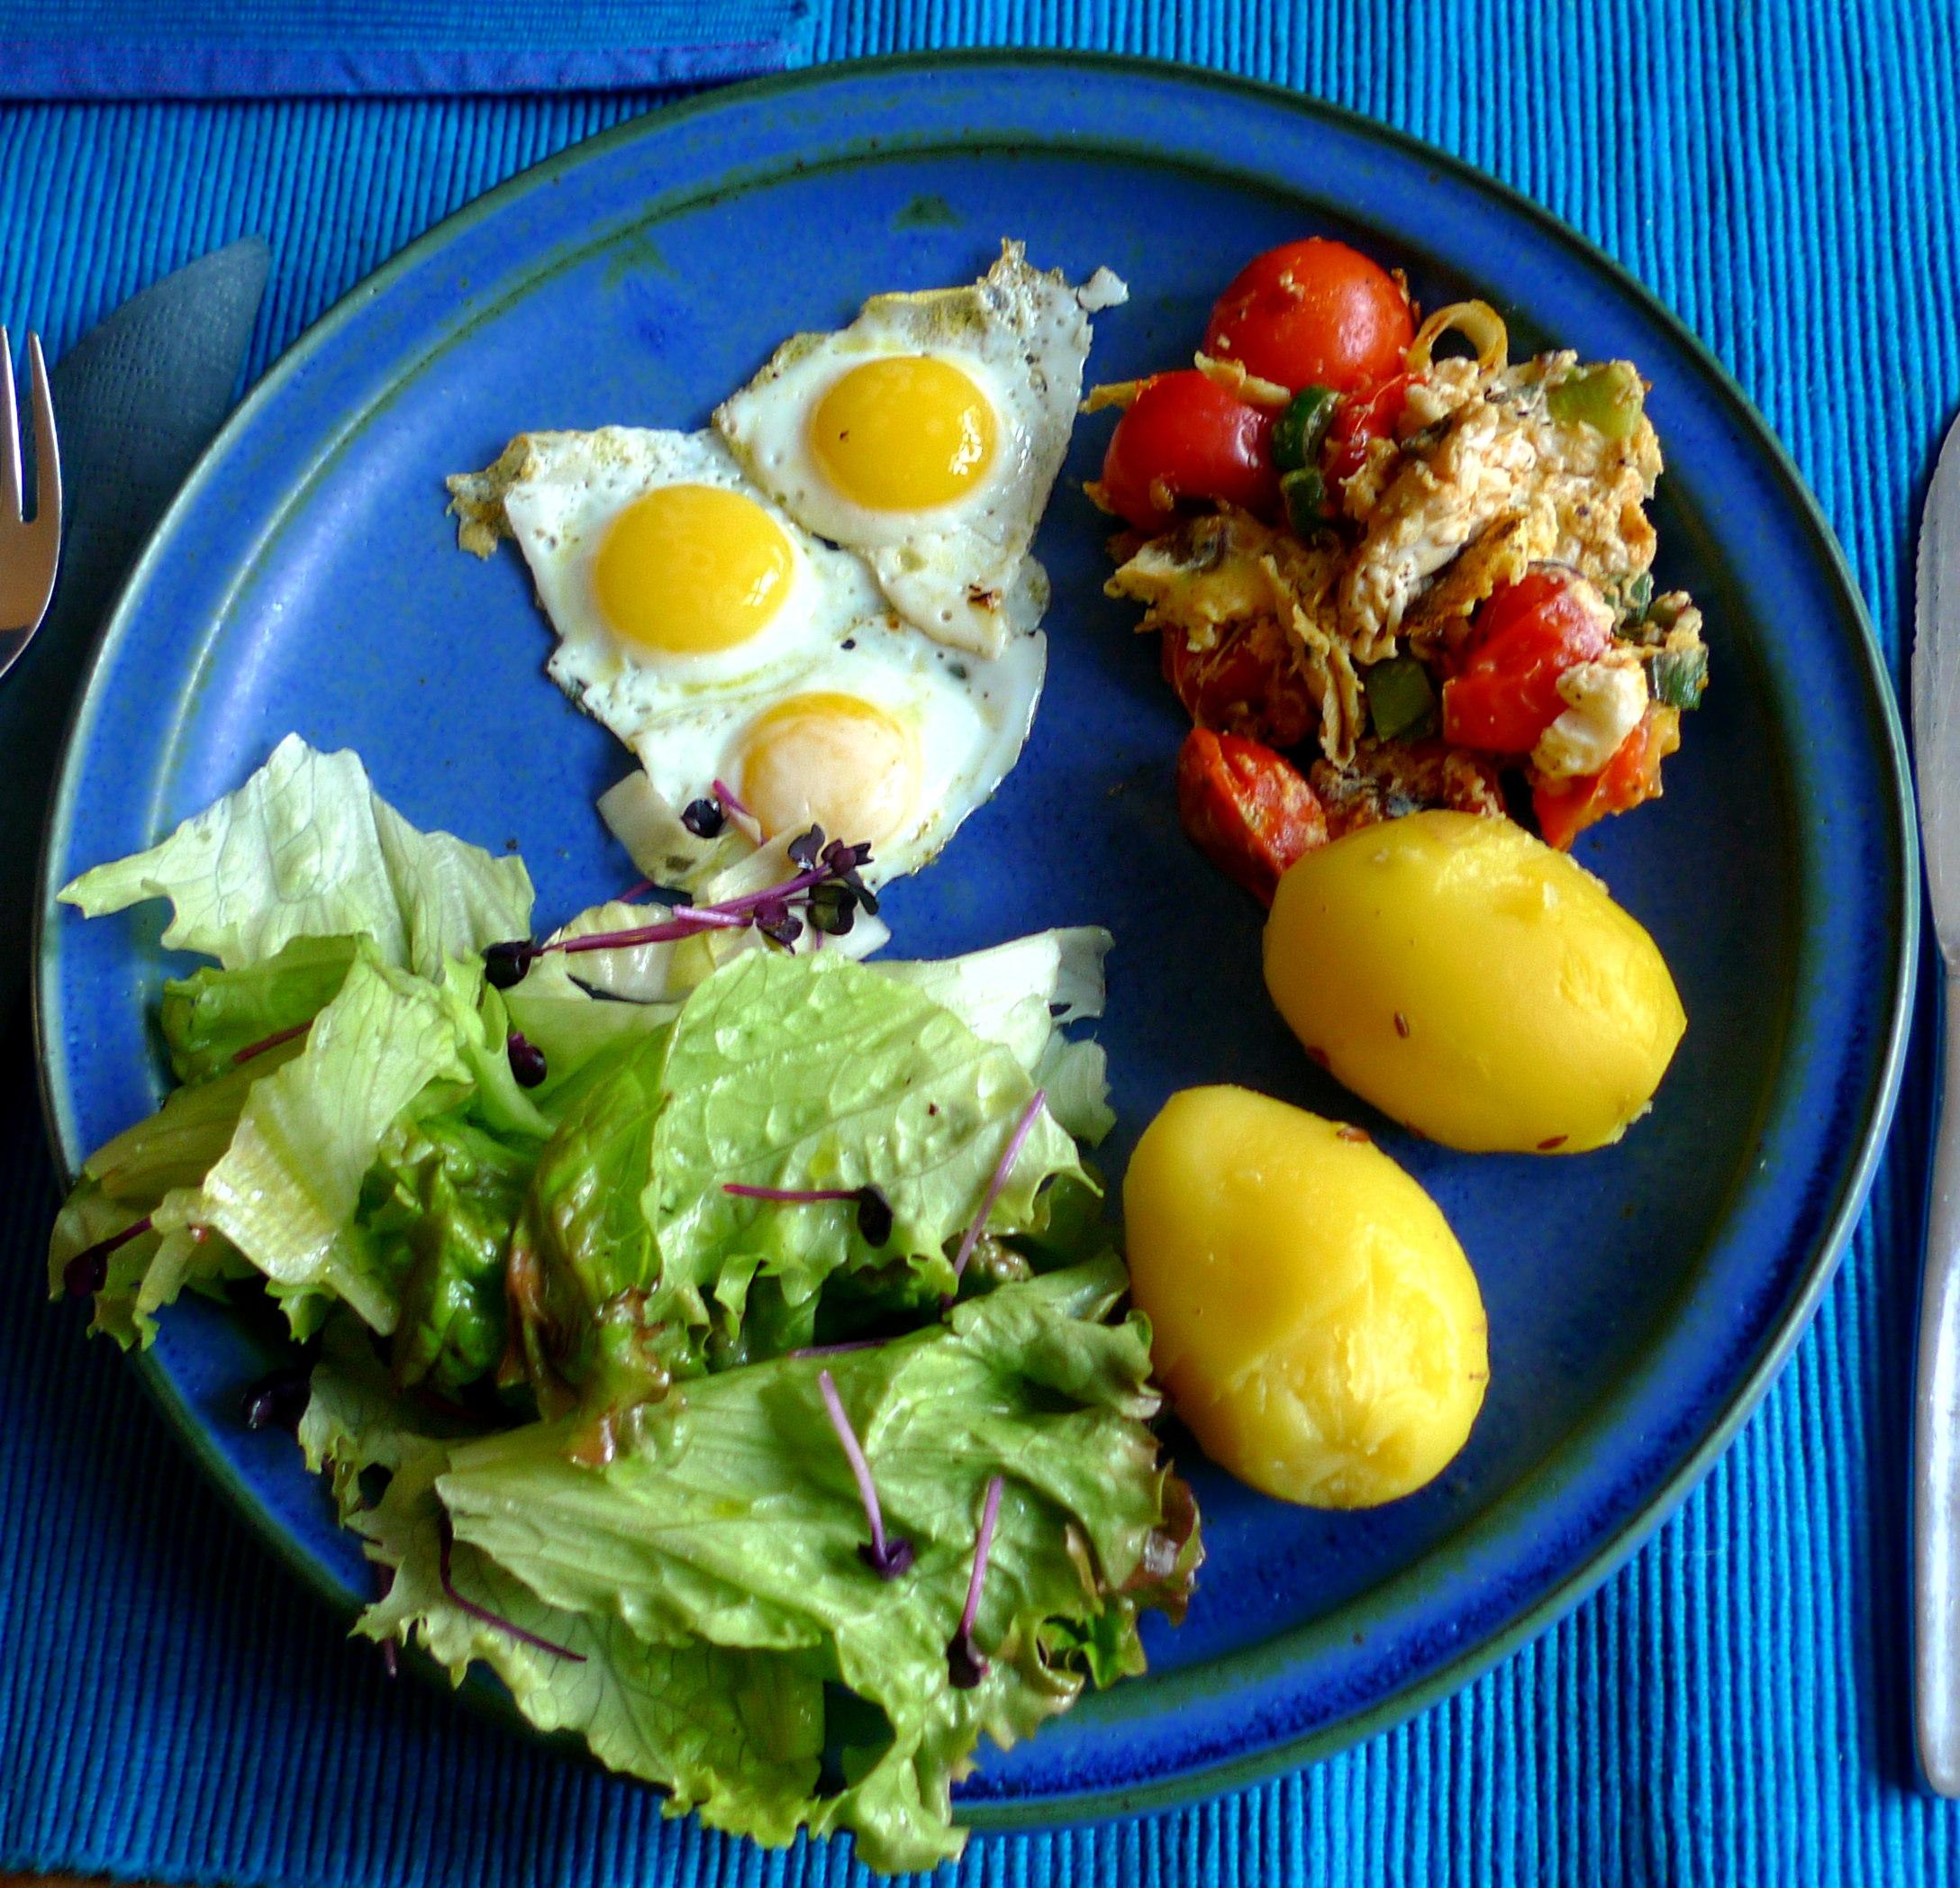 wachtel-spiegeleiruhreipellkartoffelsalat-1